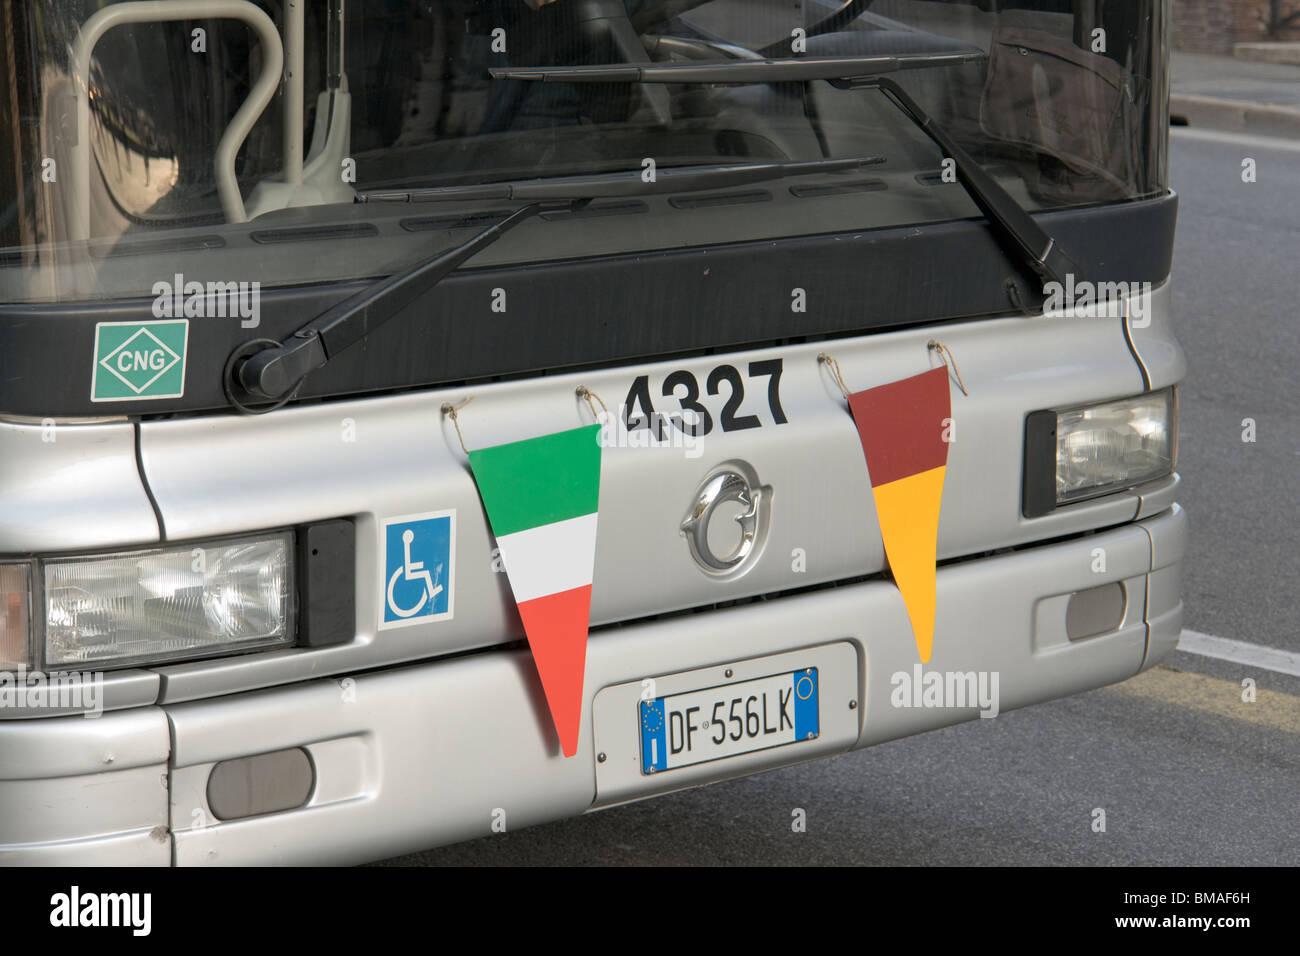 Roma, Italia. Un bus che porta la bandiera italiana (sinistra) e la bandiera romana (a destra). Immagini Stock